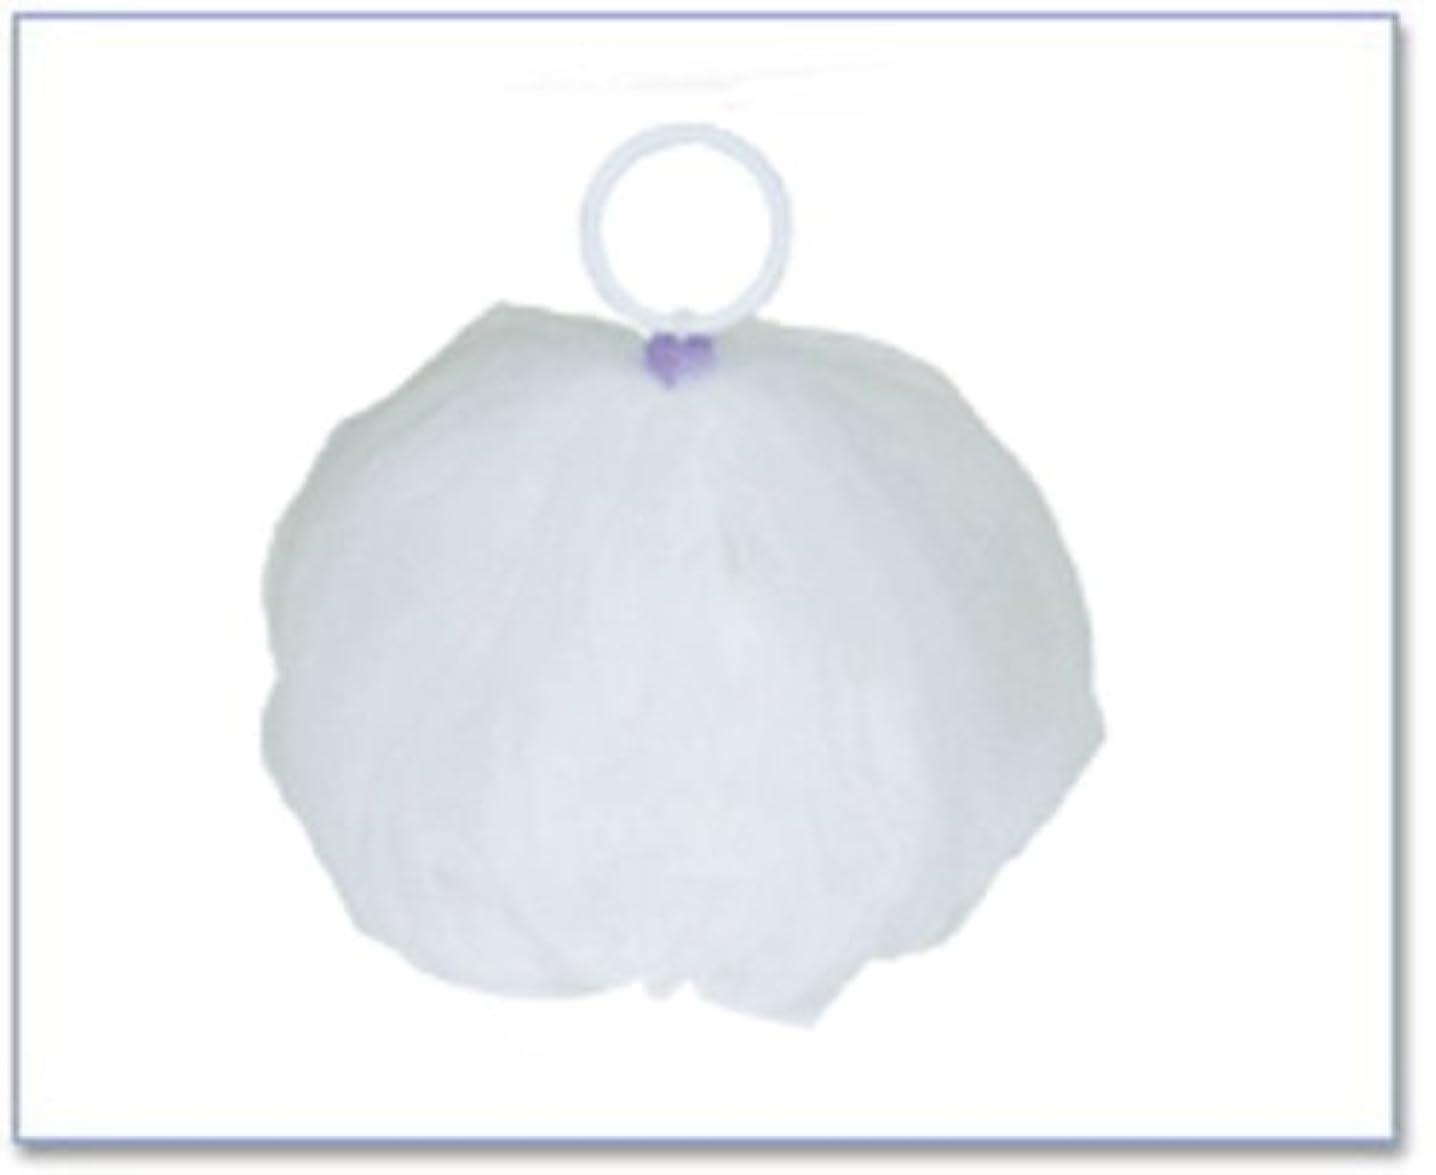 特許ベルトナチュラルCAC化粧品(シーエーシー) 泡立てネット(ボールタイプ)